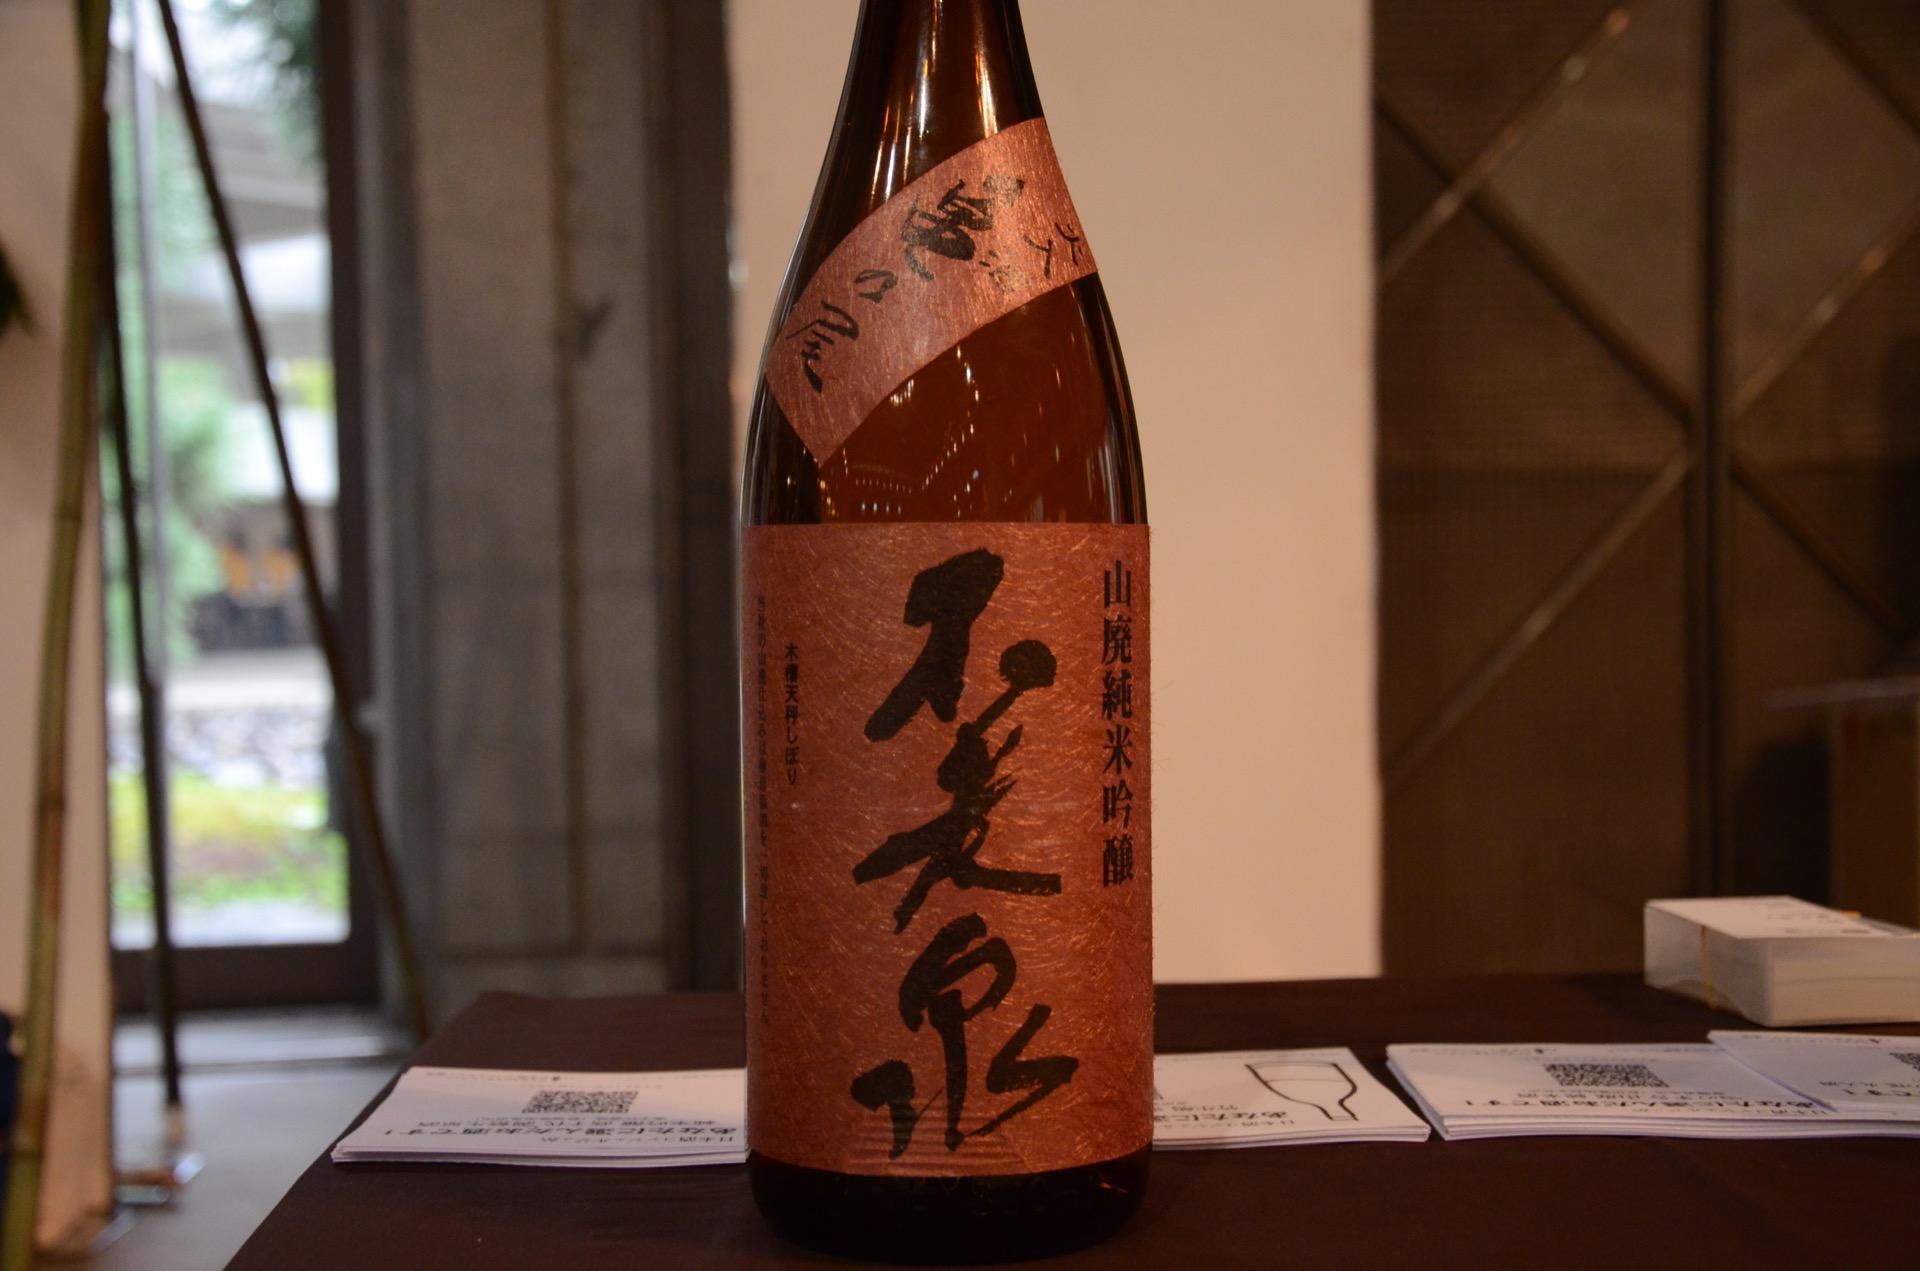 不老泉 山廃仕込 純米吟醸 亀の尾 火入酒|日本酒テイスティングノート